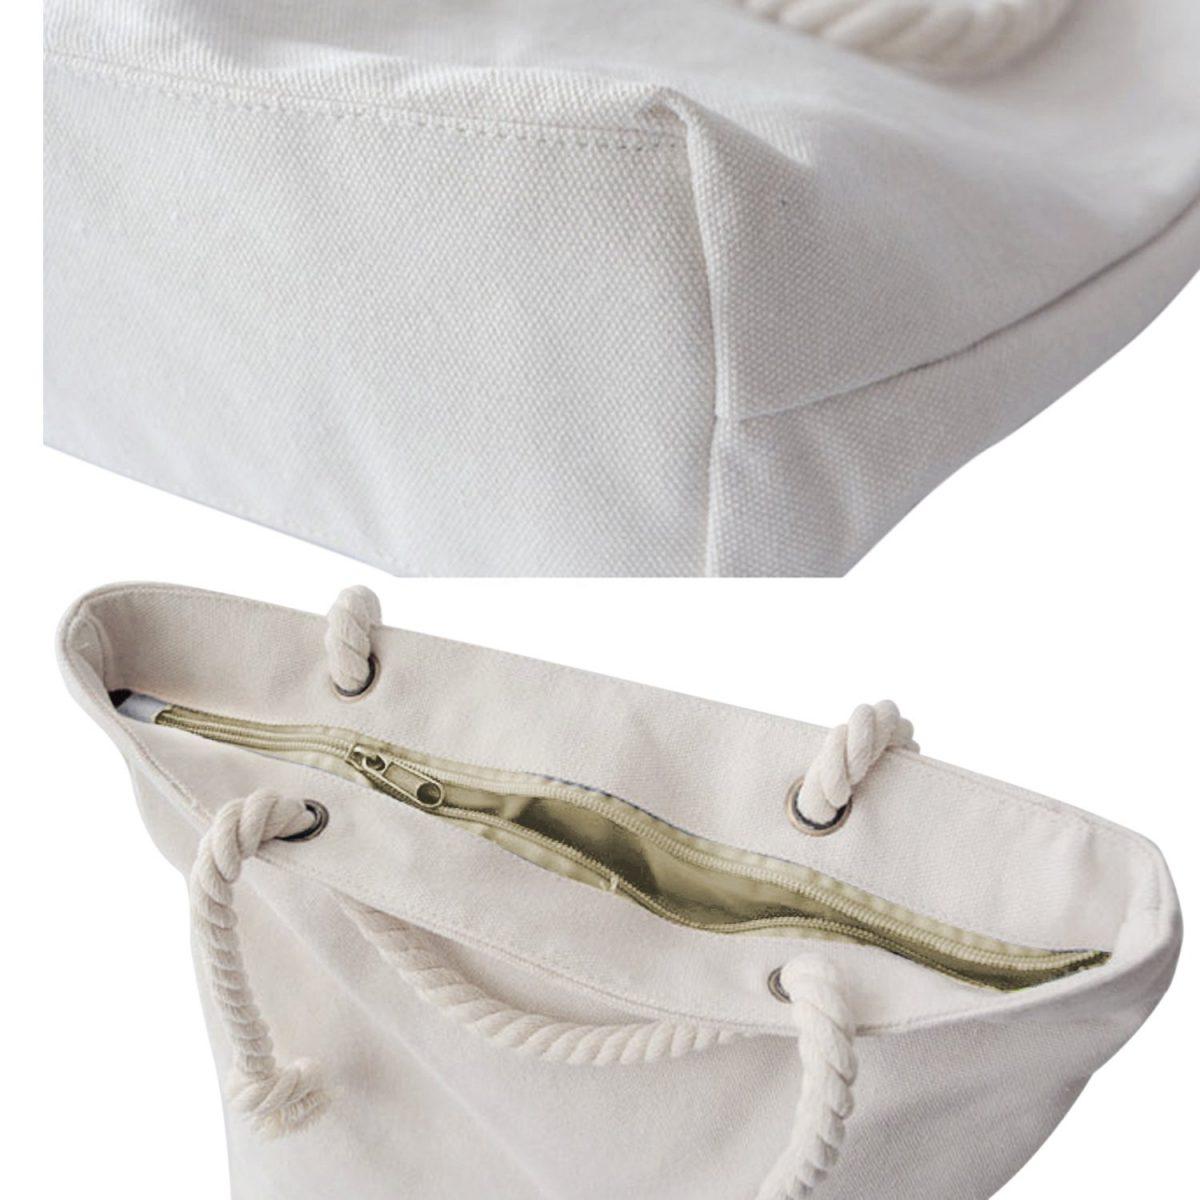 Özel Tasarım Fashion Dijital Baskılı Fermuarlı Kumaş Çanta Realhomes